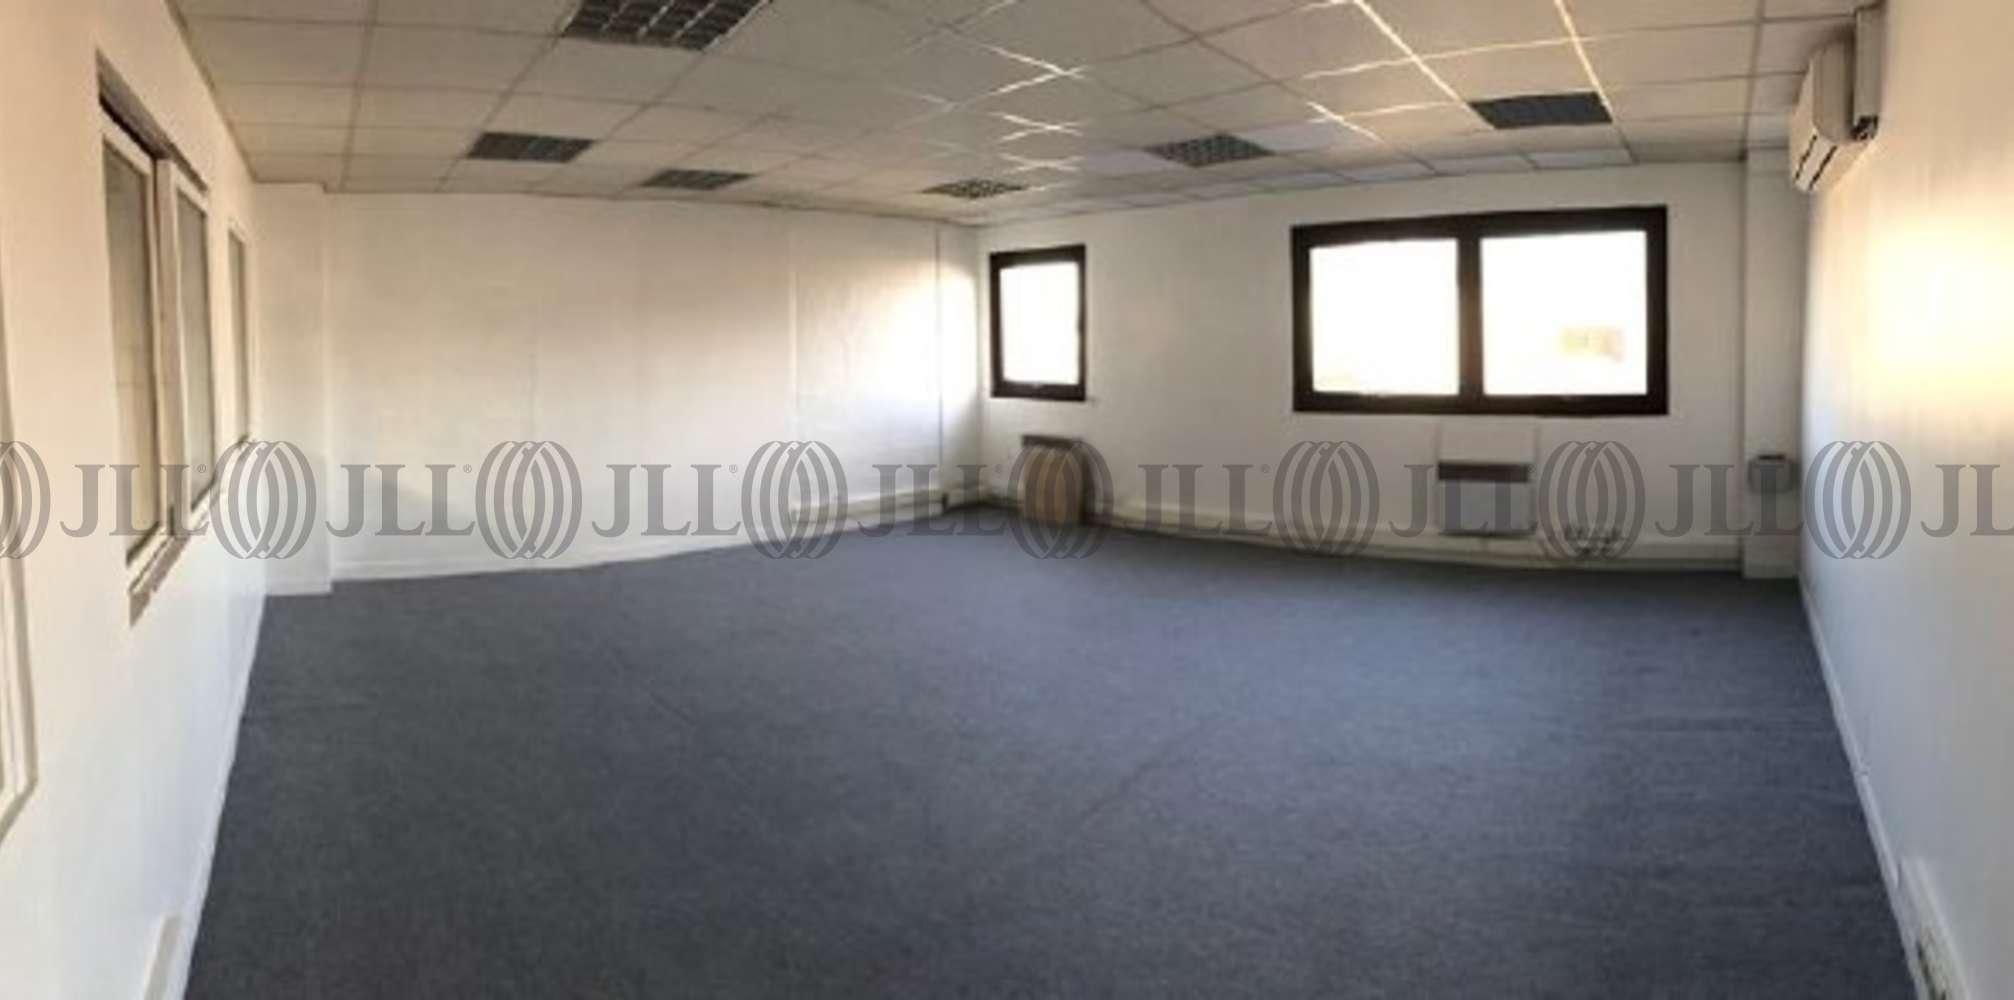 Activités/entrepôt Noisiel, 77186 - 10 RUE DE LA MARE BLANCHE